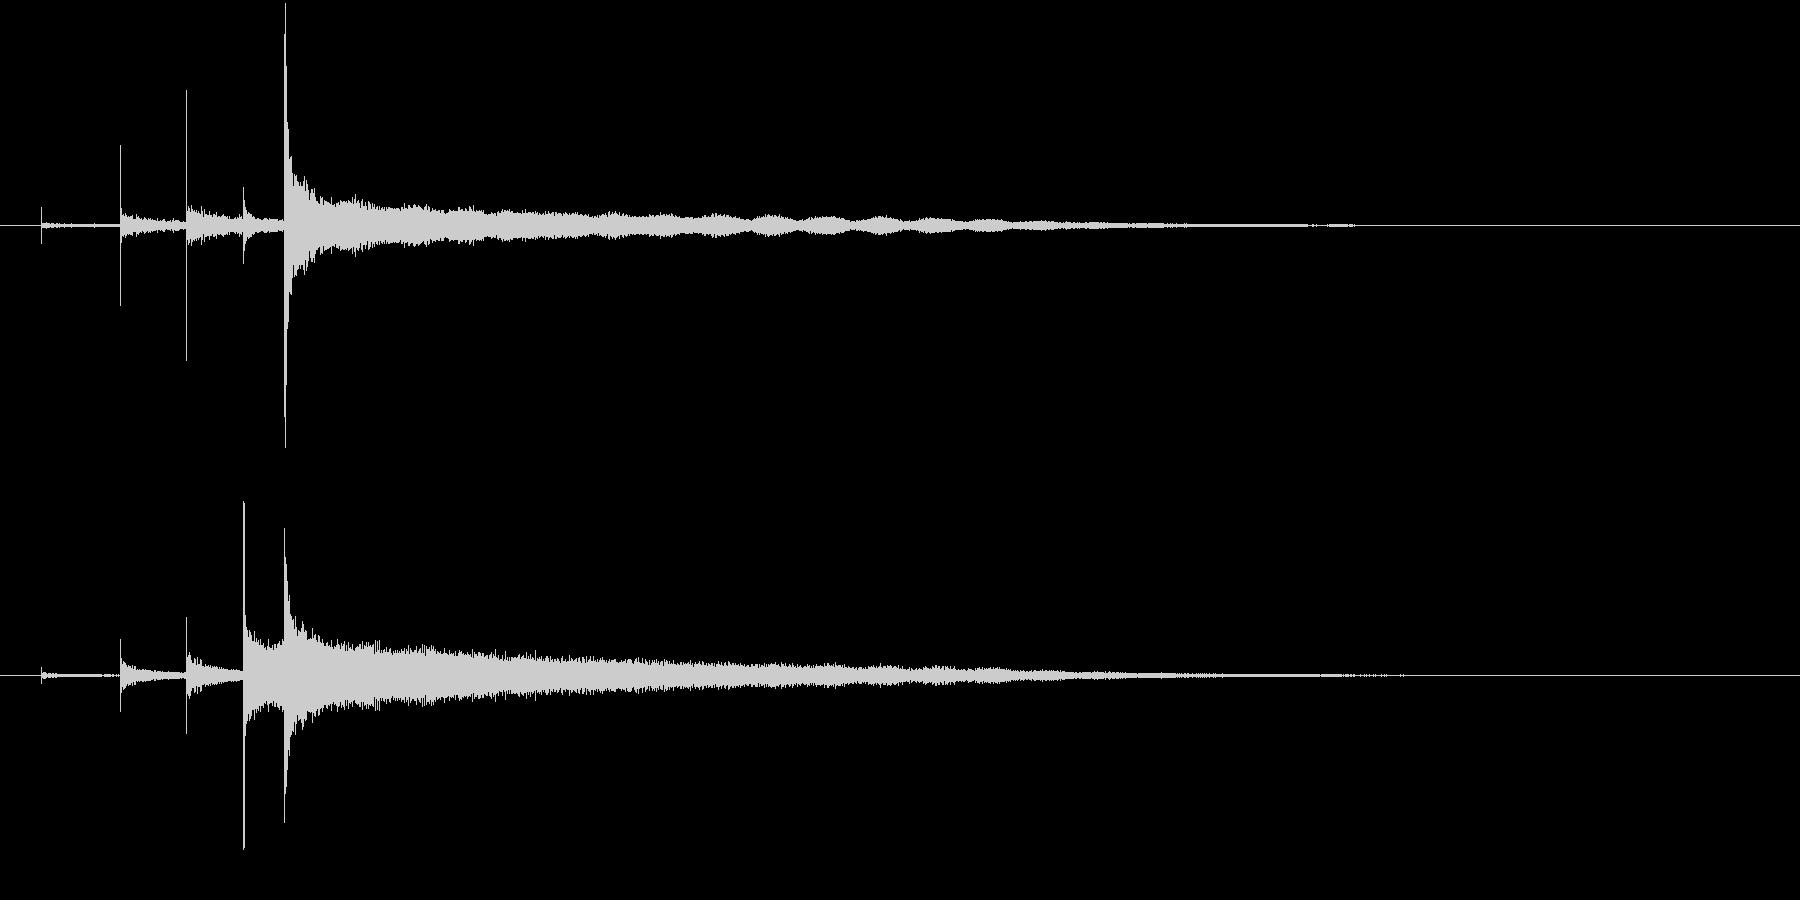 「カーンコーン〜」シンギングボウルの音の未再生の波形